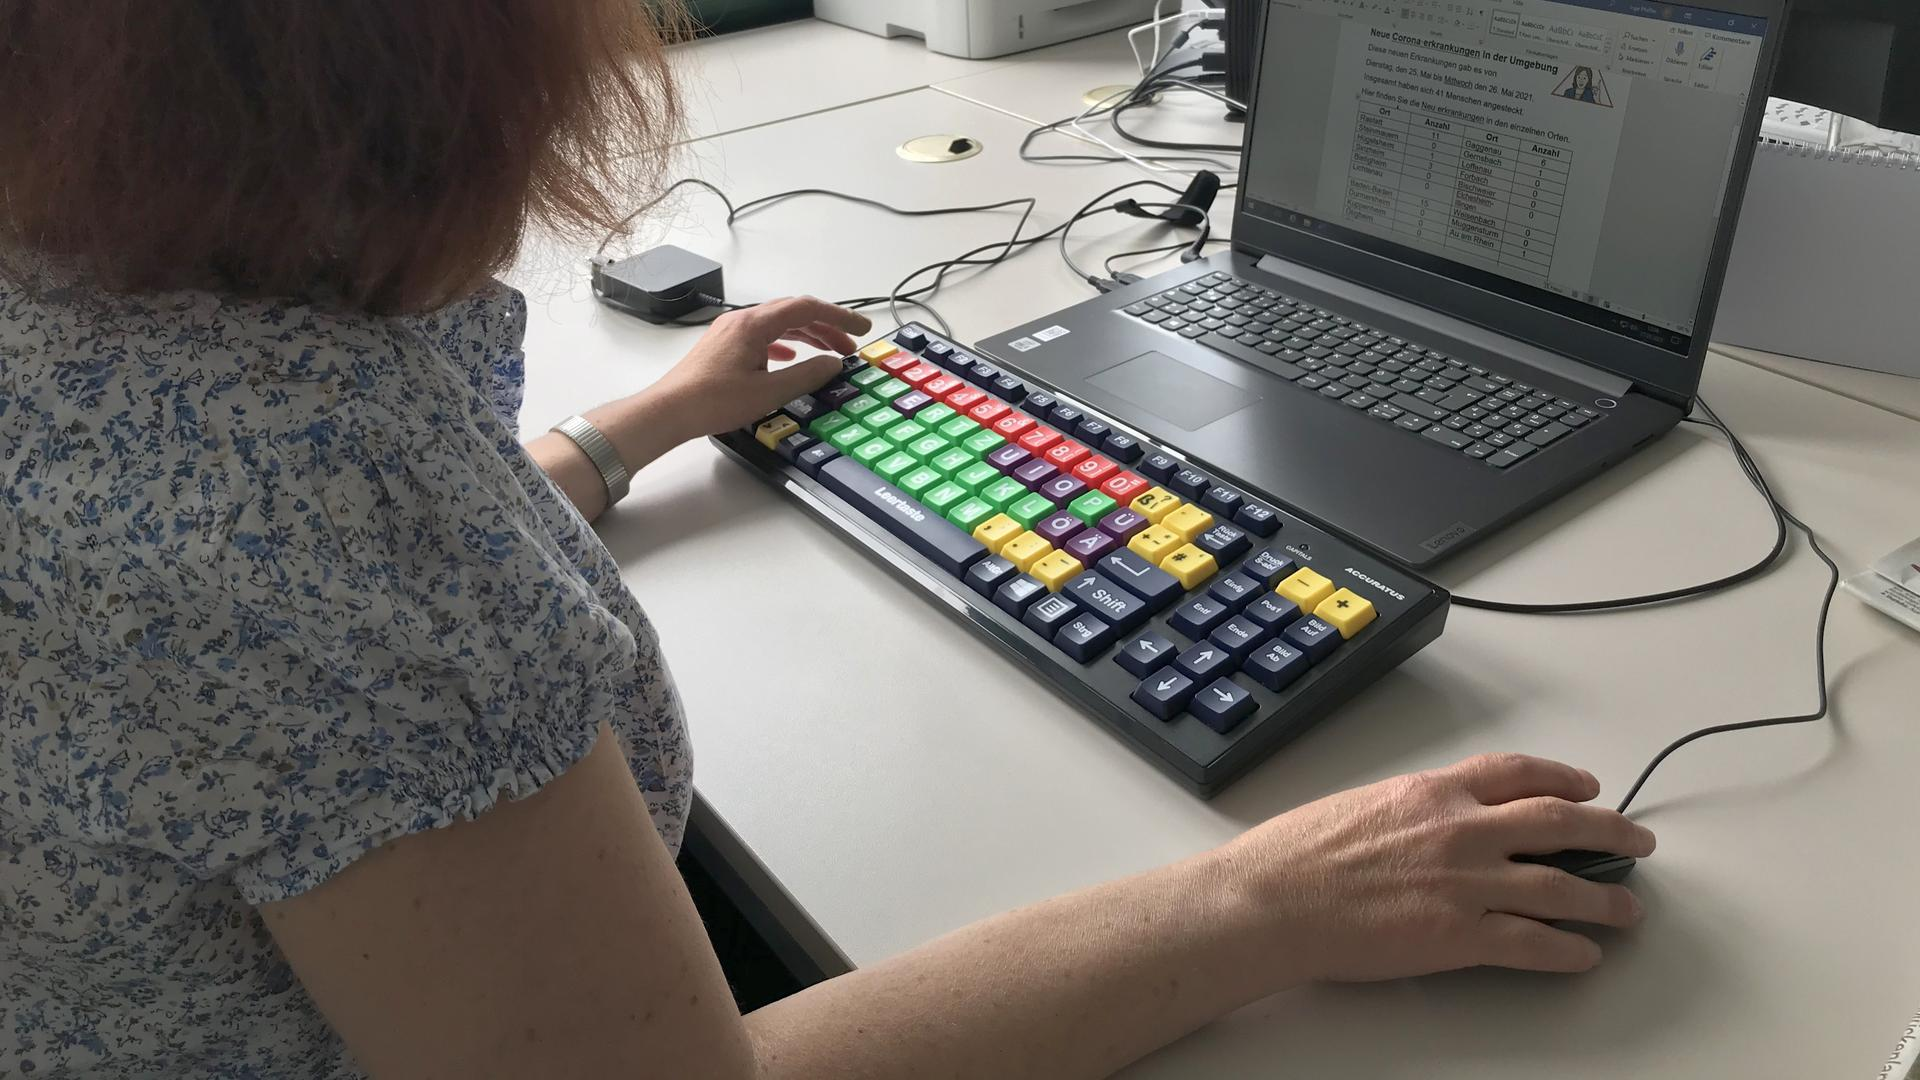 Unterstützung von A bis Z: Inge Pfeffer arbeitet im Gaggenauer Büro für Leichte Sprache mit einer speziellen Tastatur. Die großen, farbigen Knöpfe helfen ihr als Computer-Neuling dabei, sich besser zurechtzufinden.